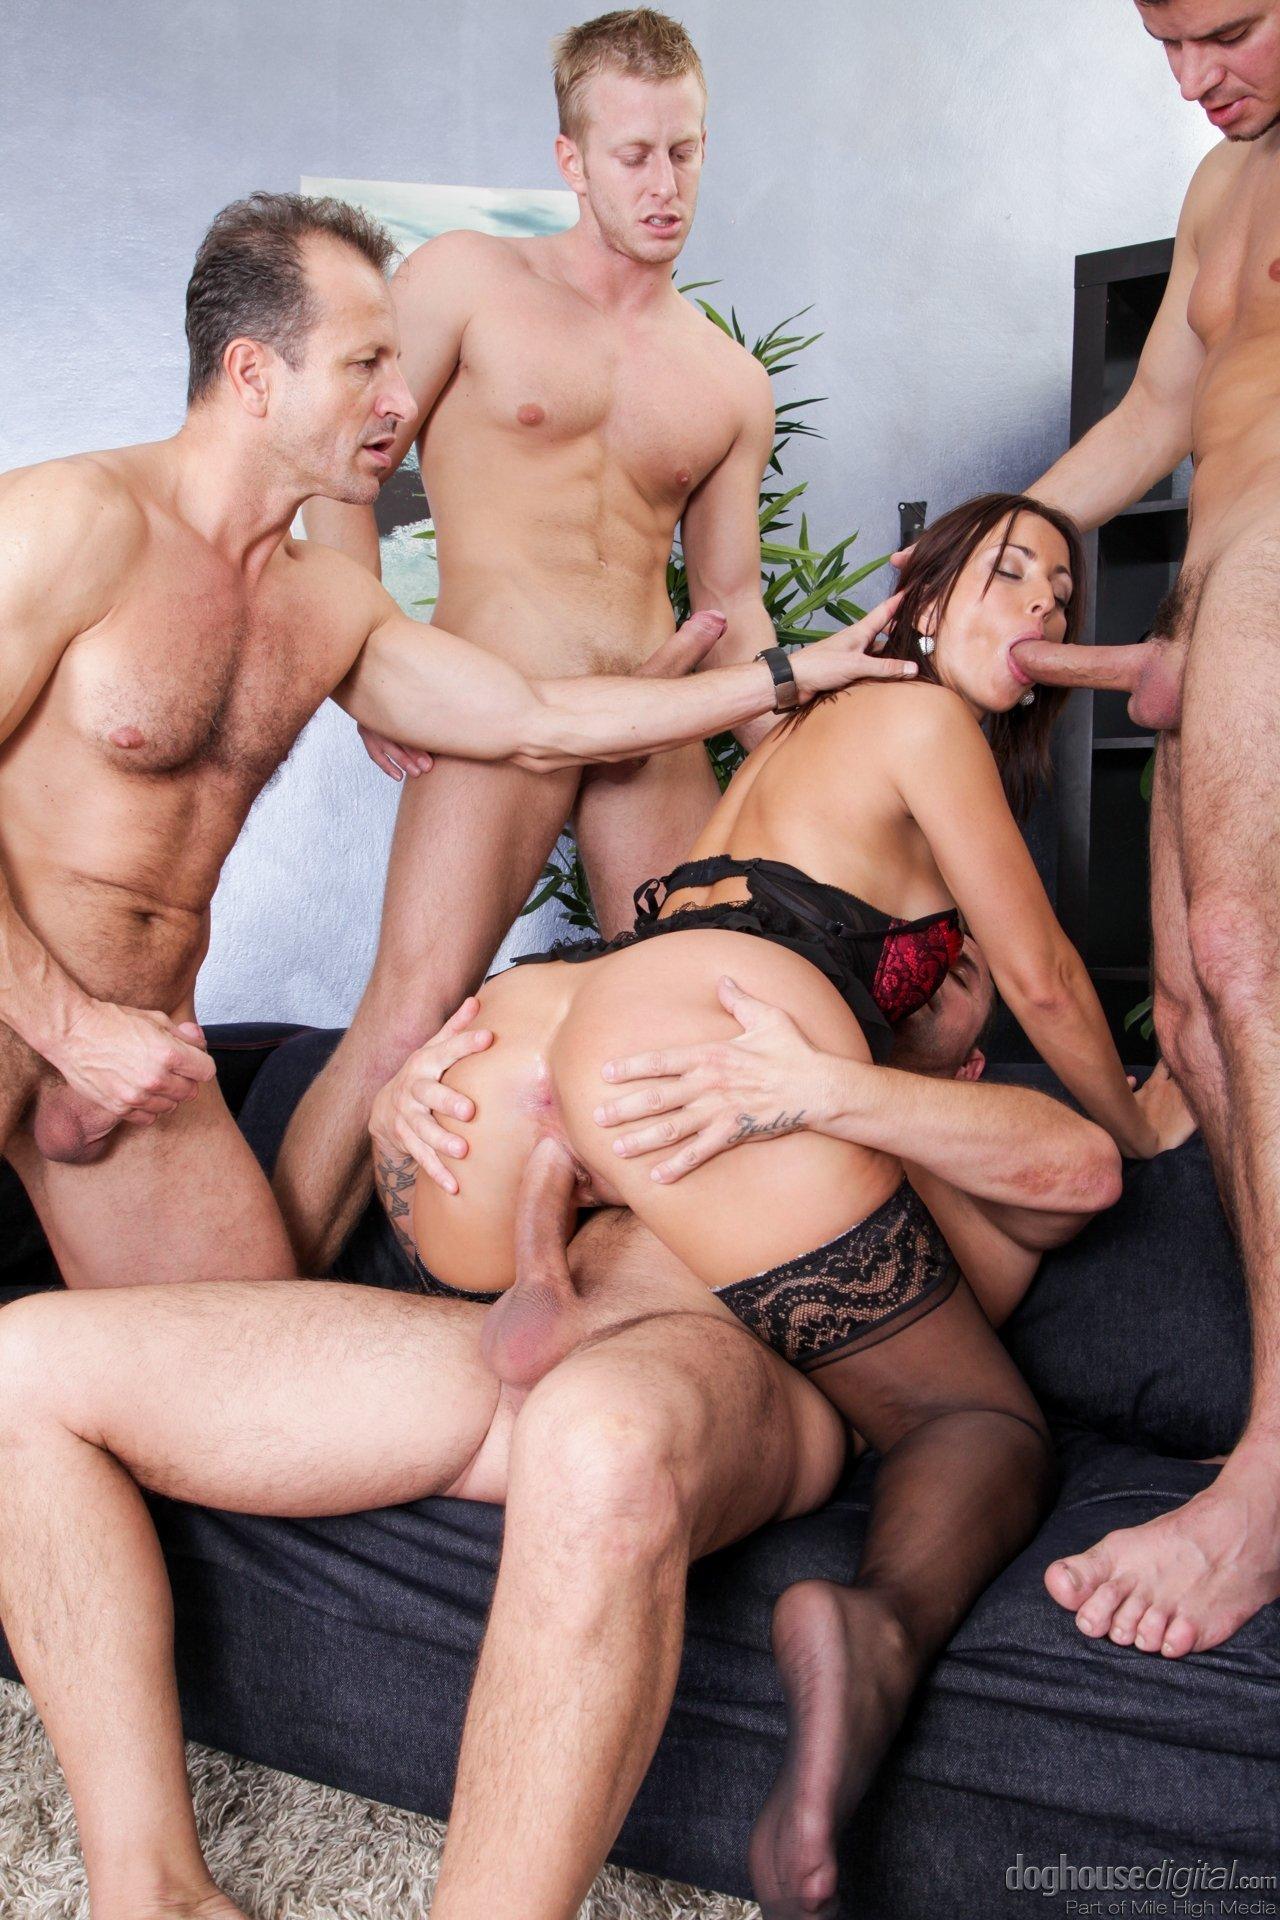 Ганг банг, групповой секс - pornolaik.com